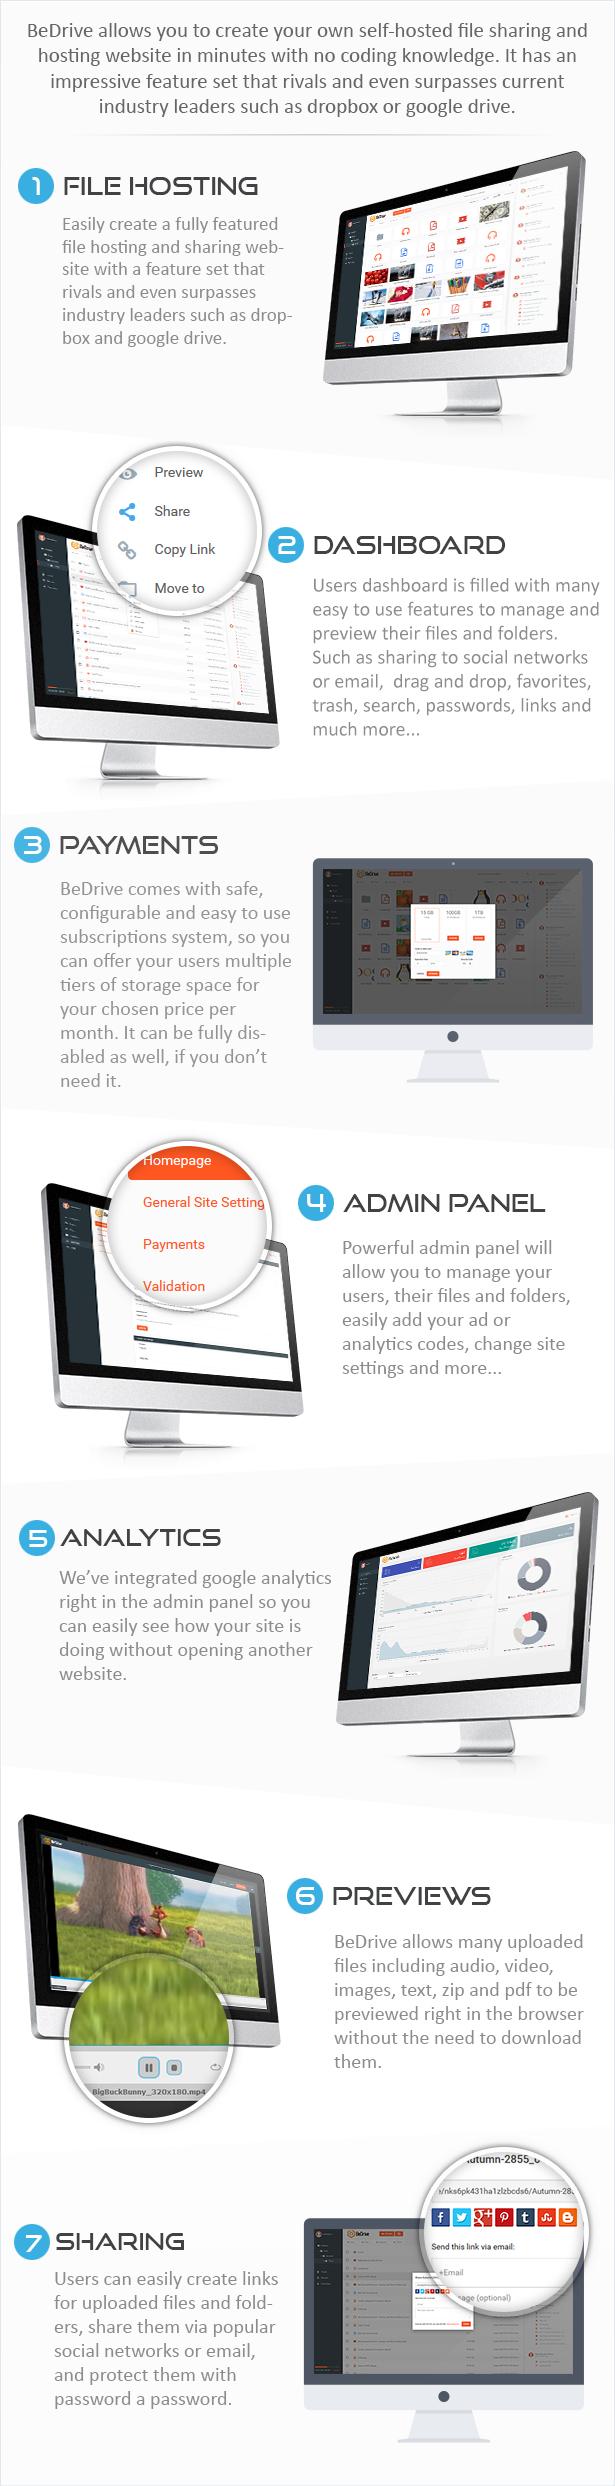 bedrive-features.jpg